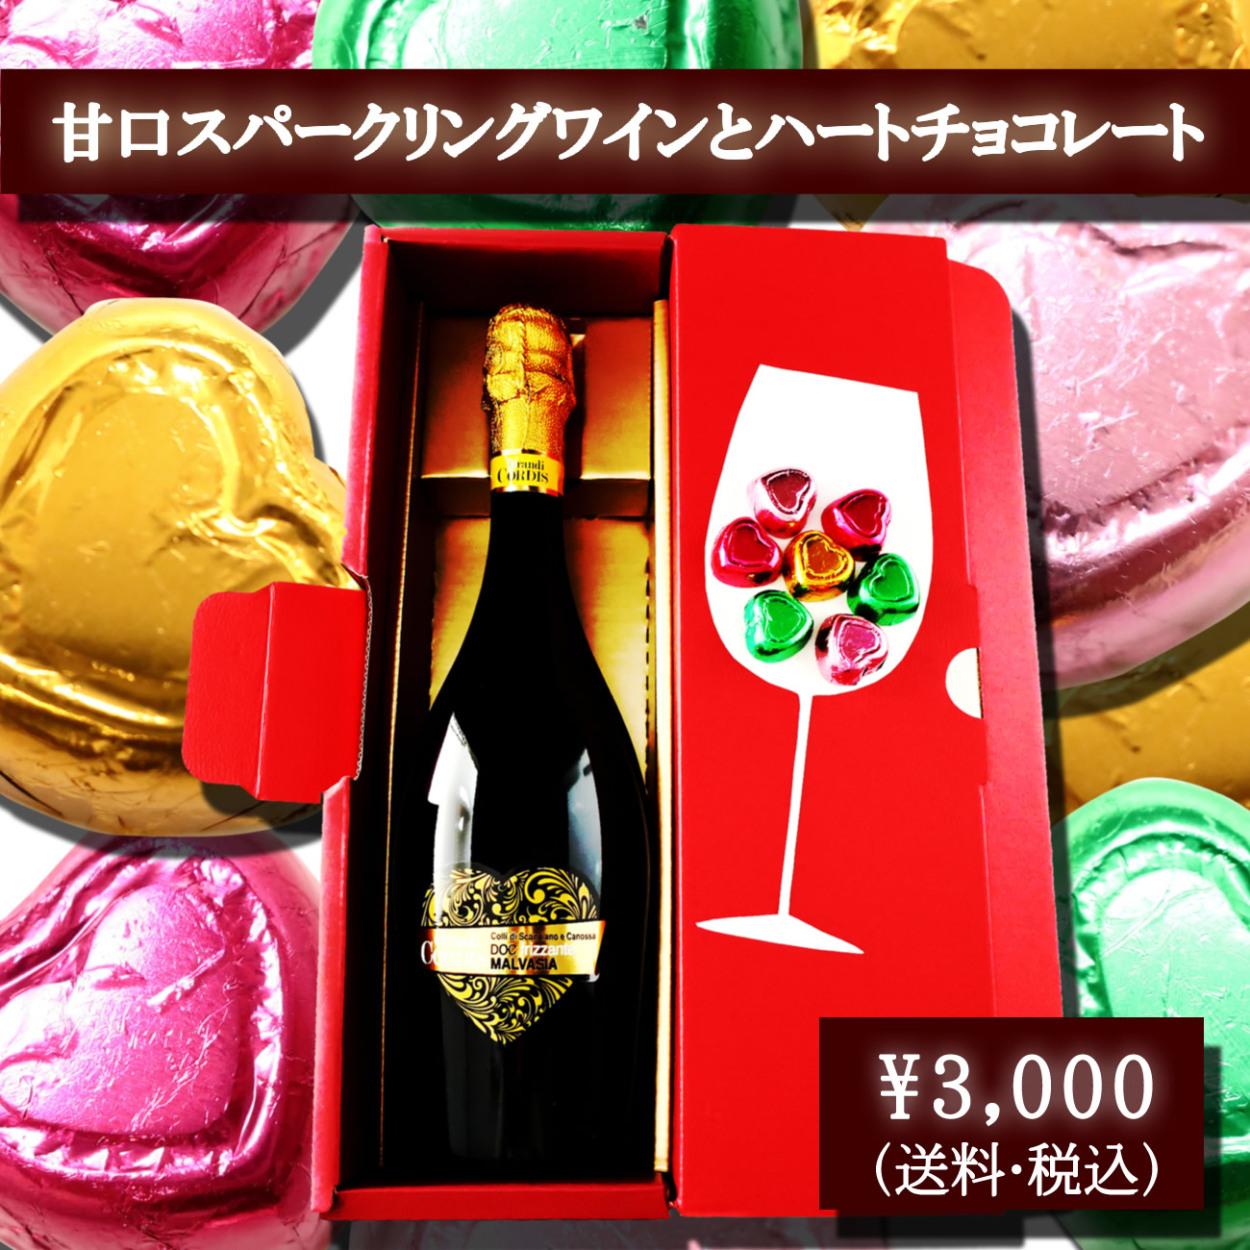 甘口スパークリングワイン白とハートチョコレートのセット